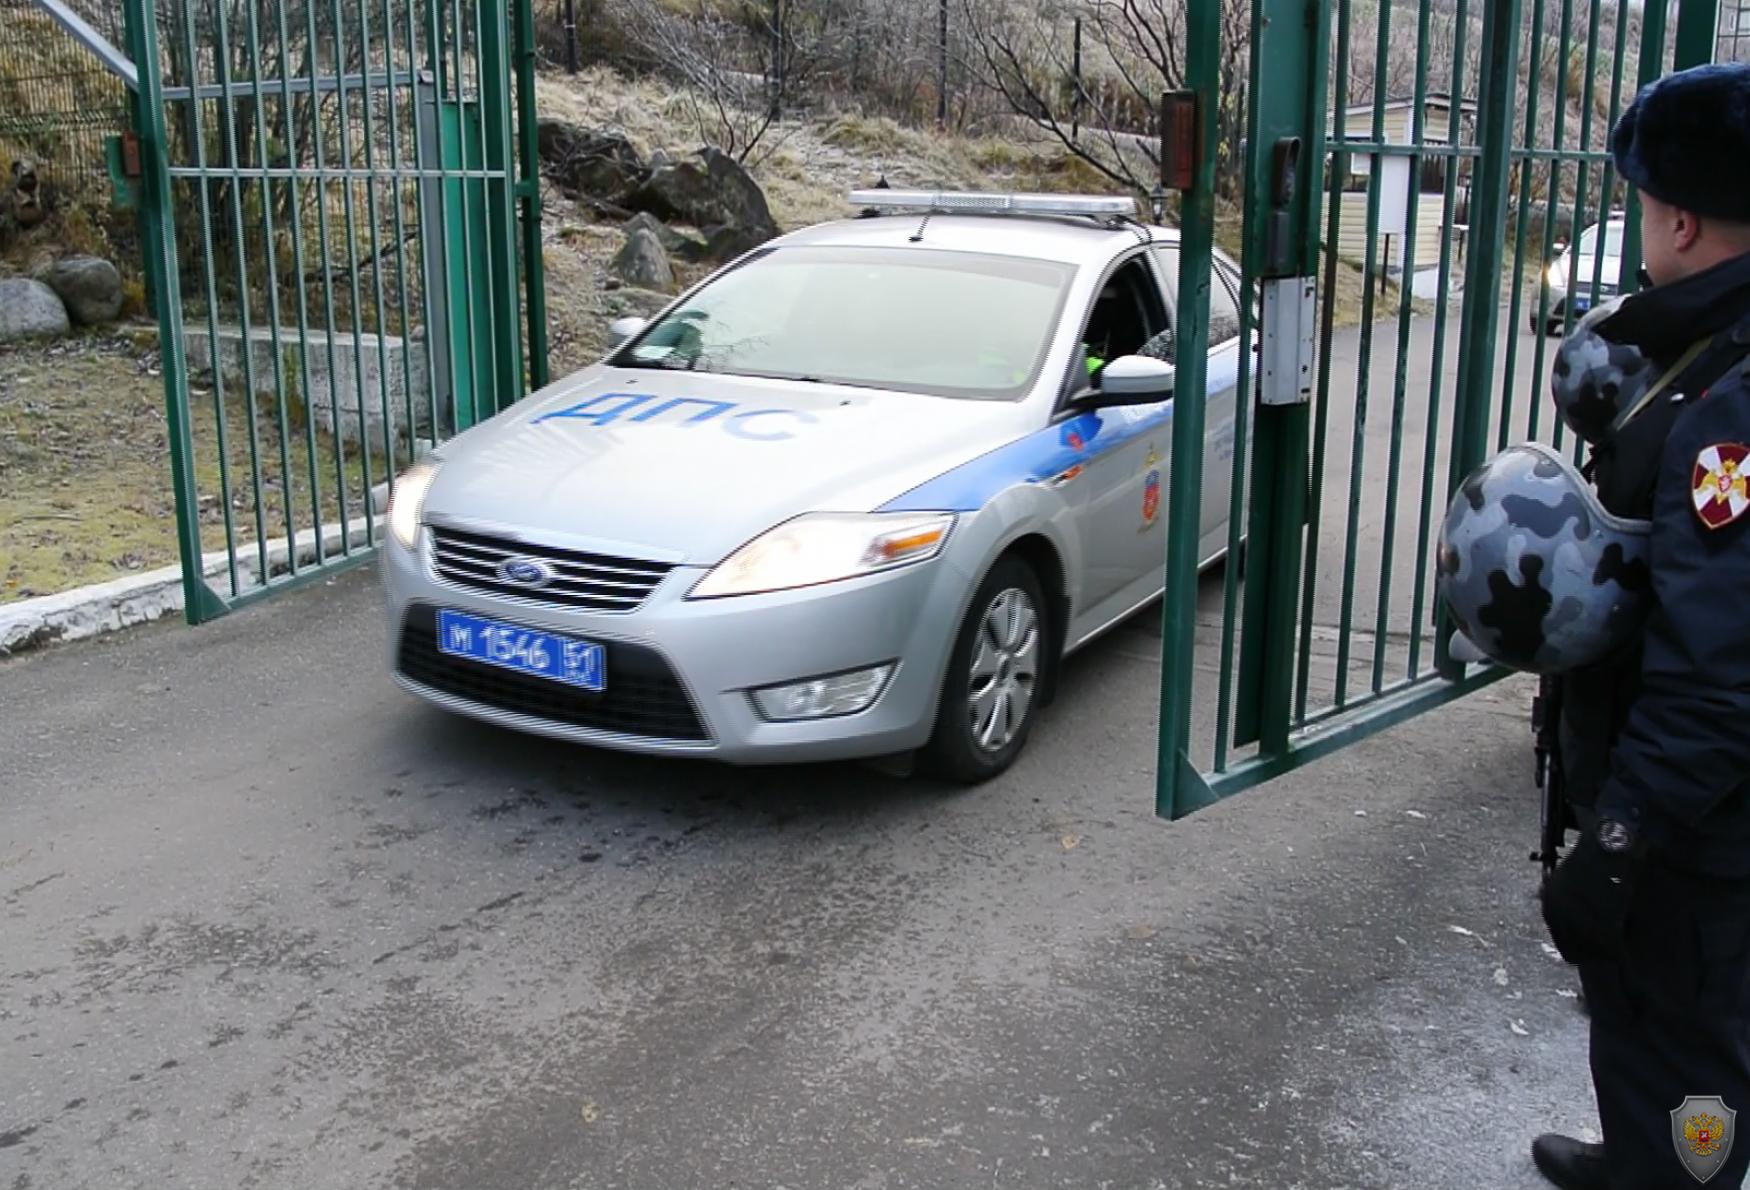 Оперативным штабом в морском районе (бассейне) в городе Мурманске проведено масштабное тактико-специальное учение